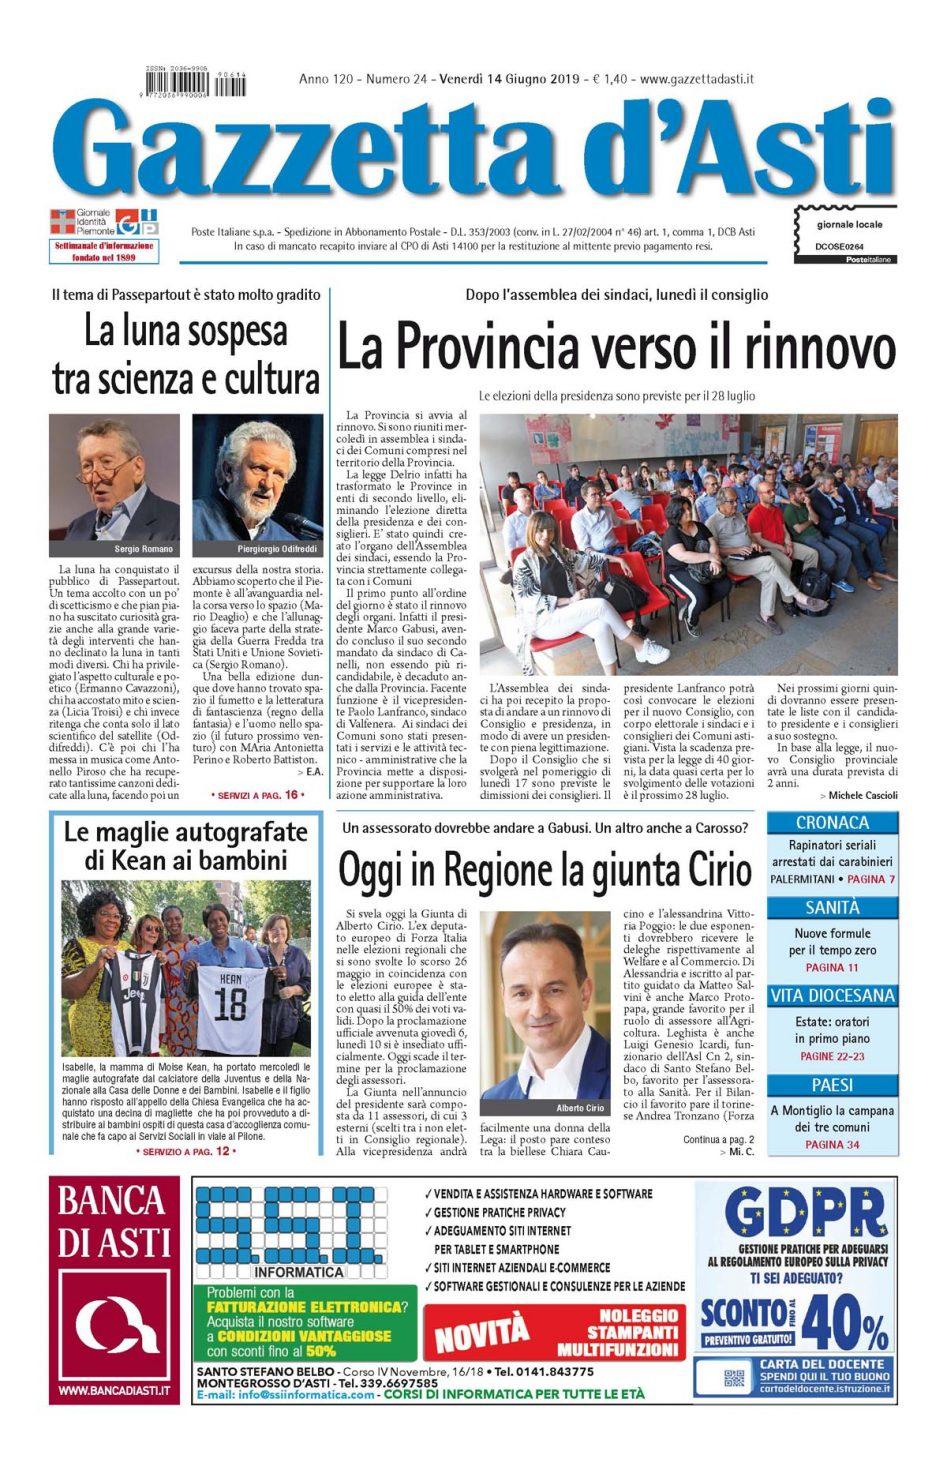 Prima pagina – 14 giugno 2019